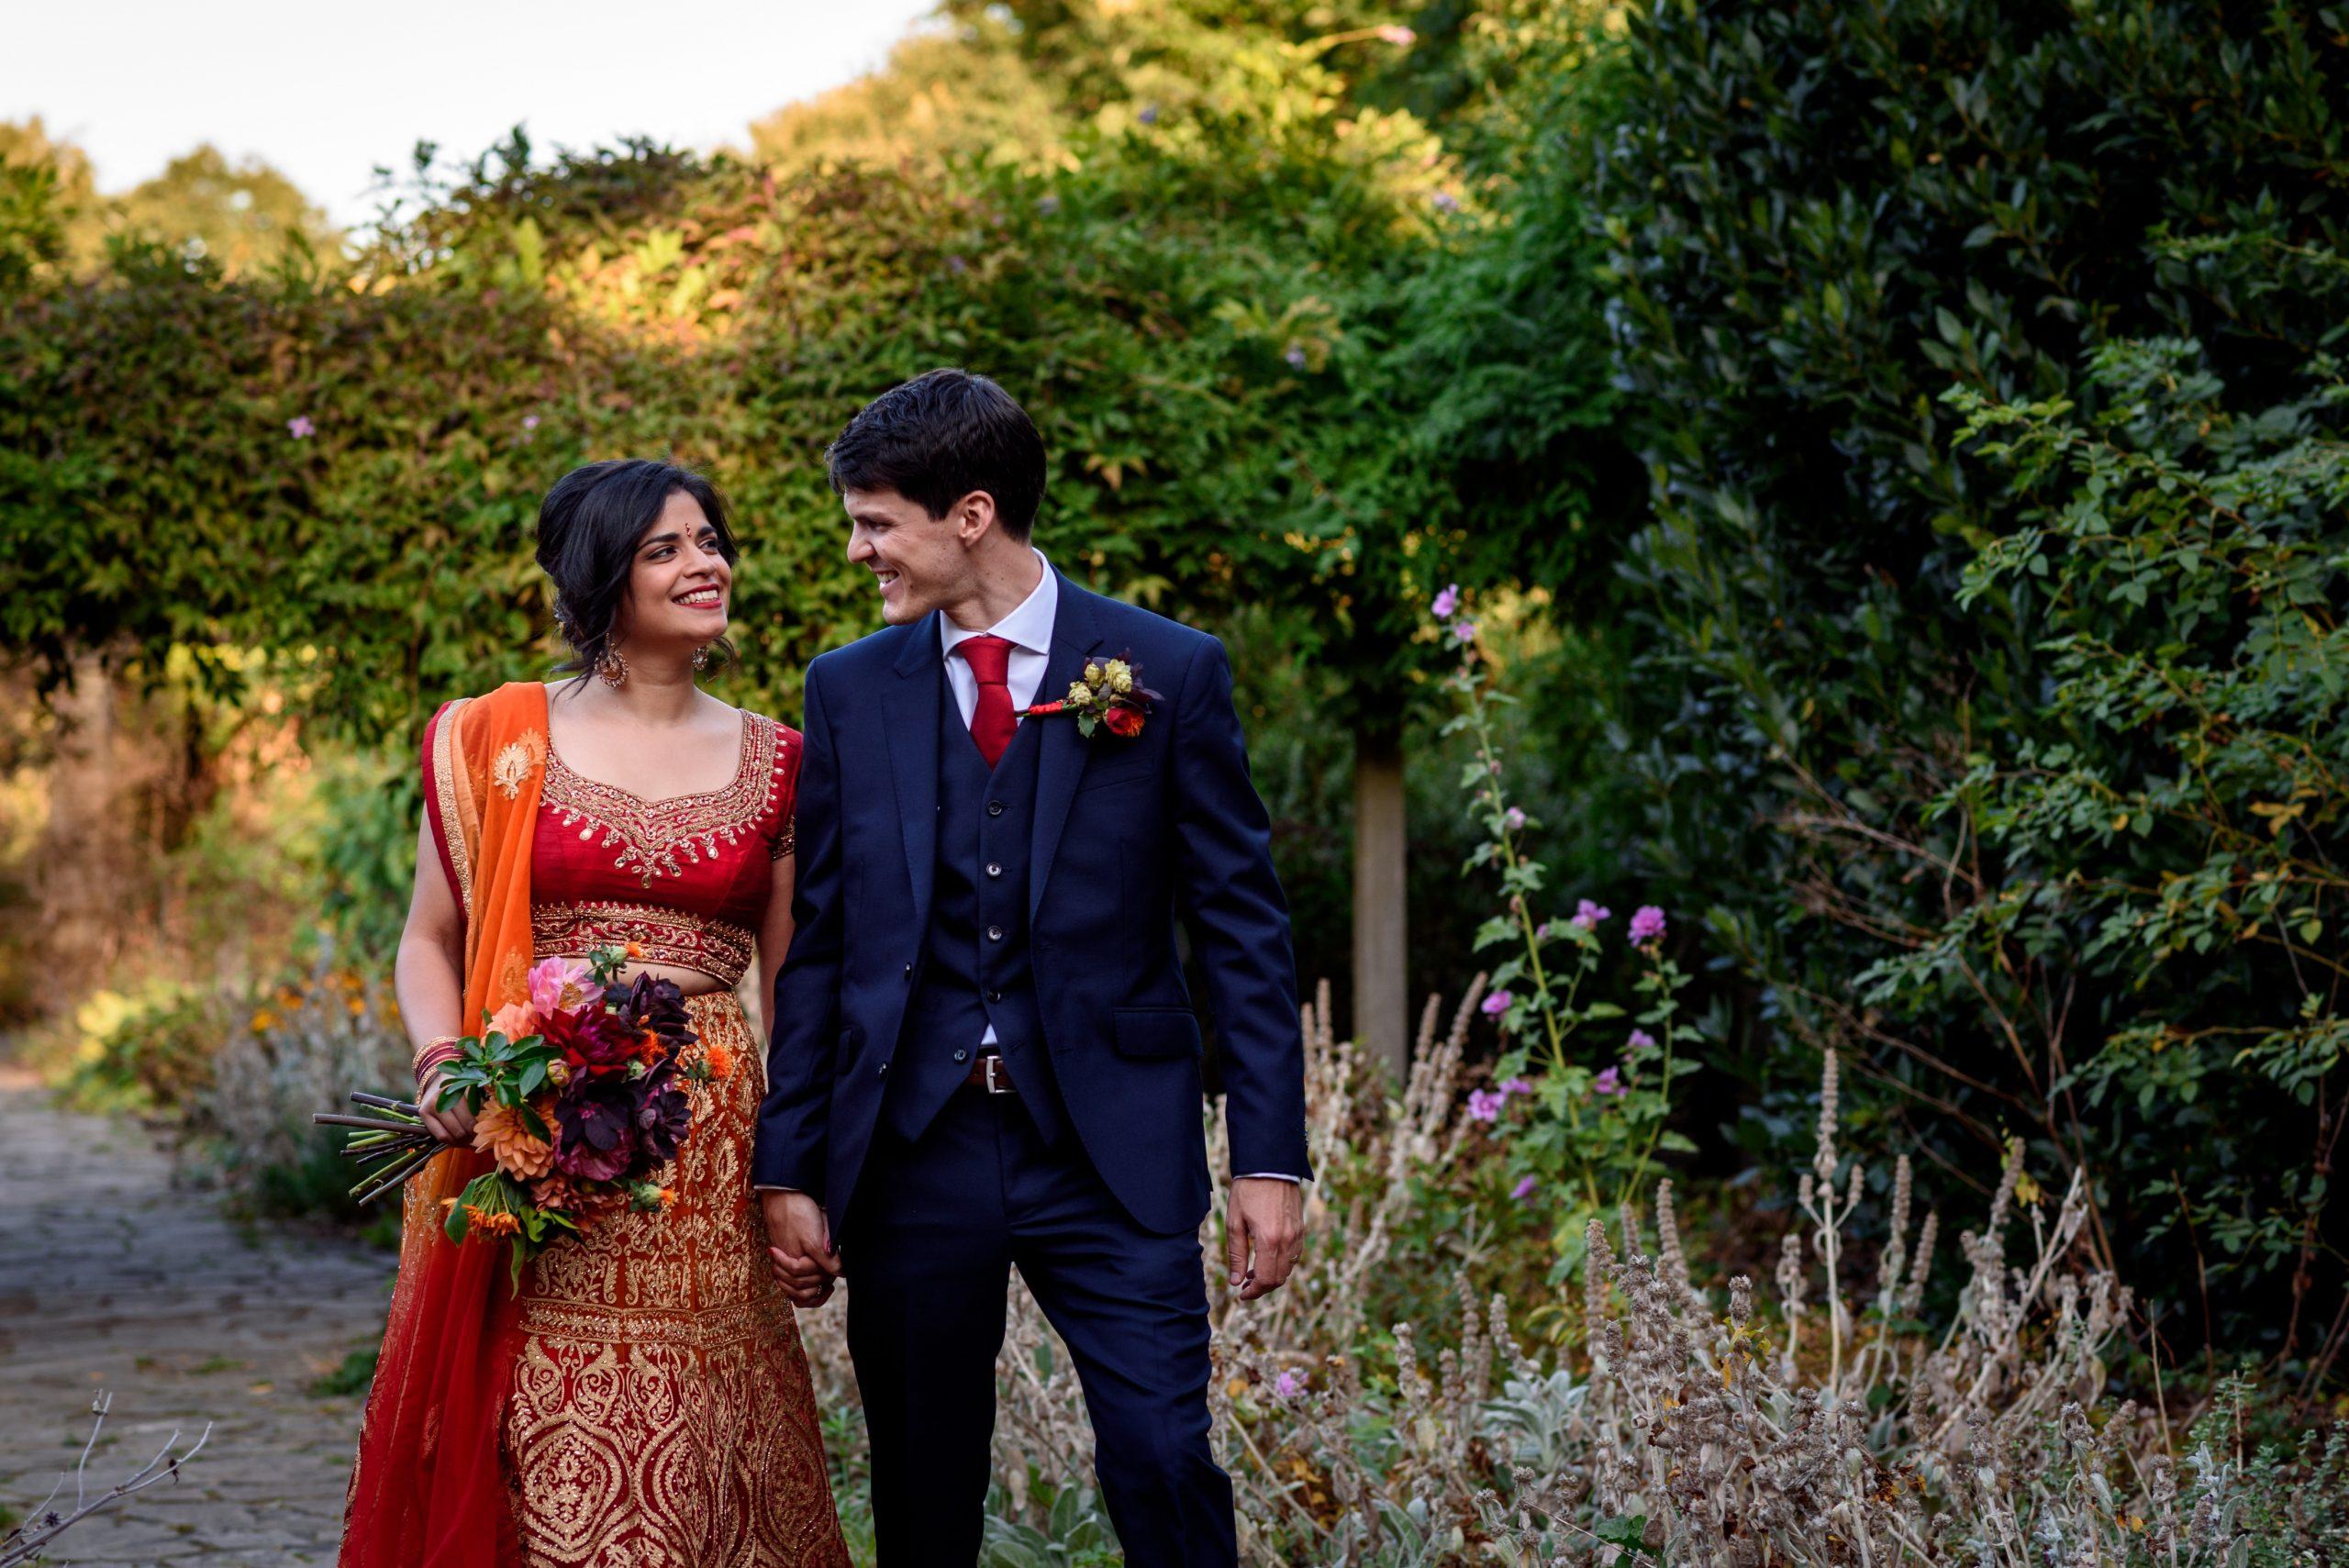 wedding couple taking photos in Sexby Garden Peckham Rye Park